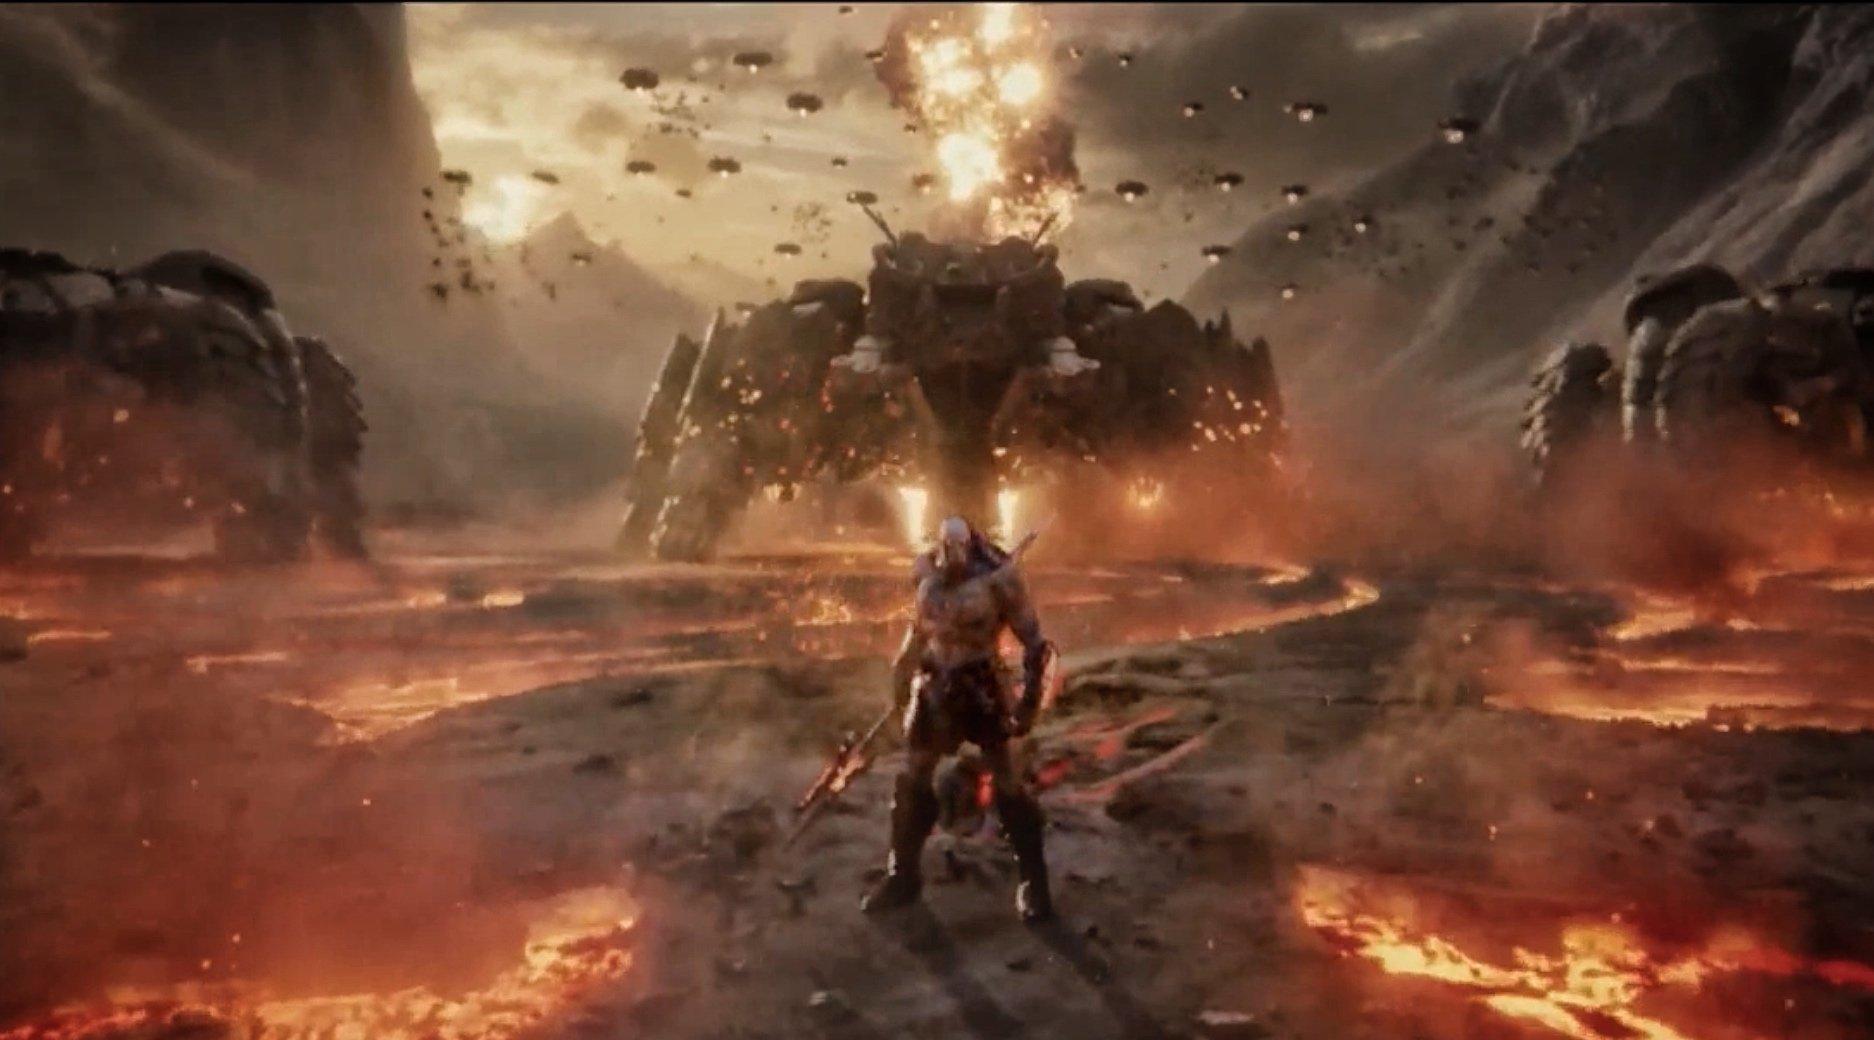 """Résultat de recherche d'images pour """"justice league snyder cut darkseid"""""""